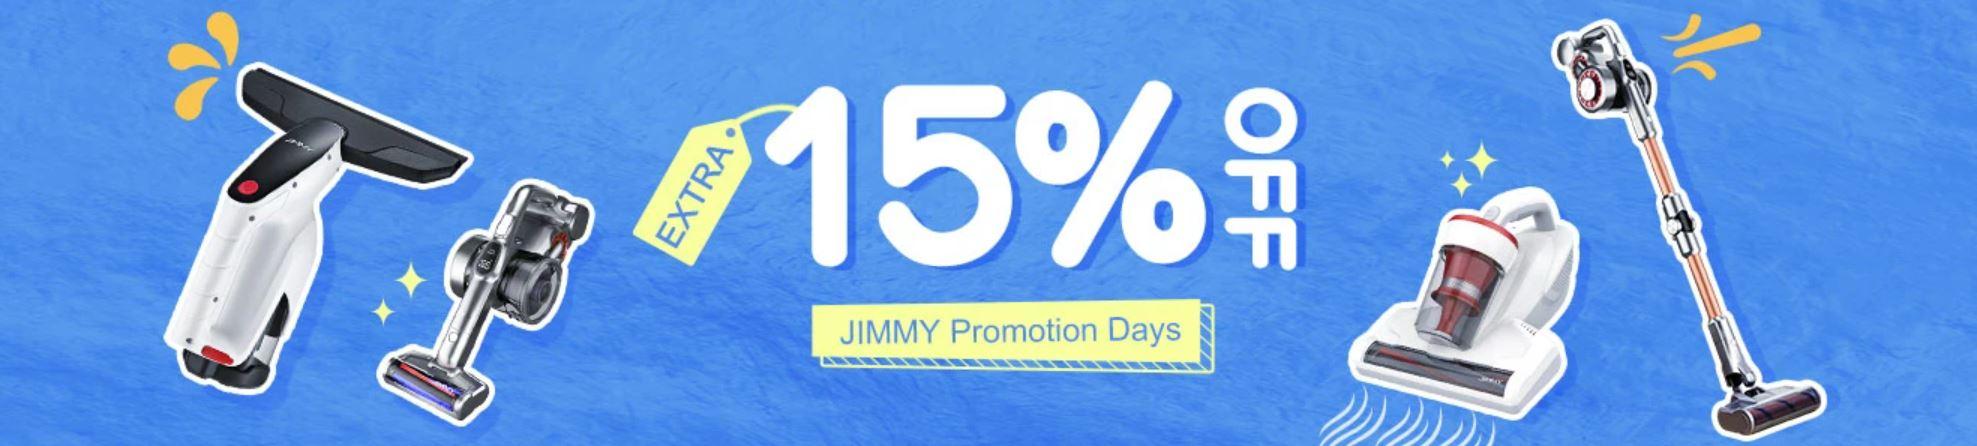 promocja produktów marki Jimmy w Banggood